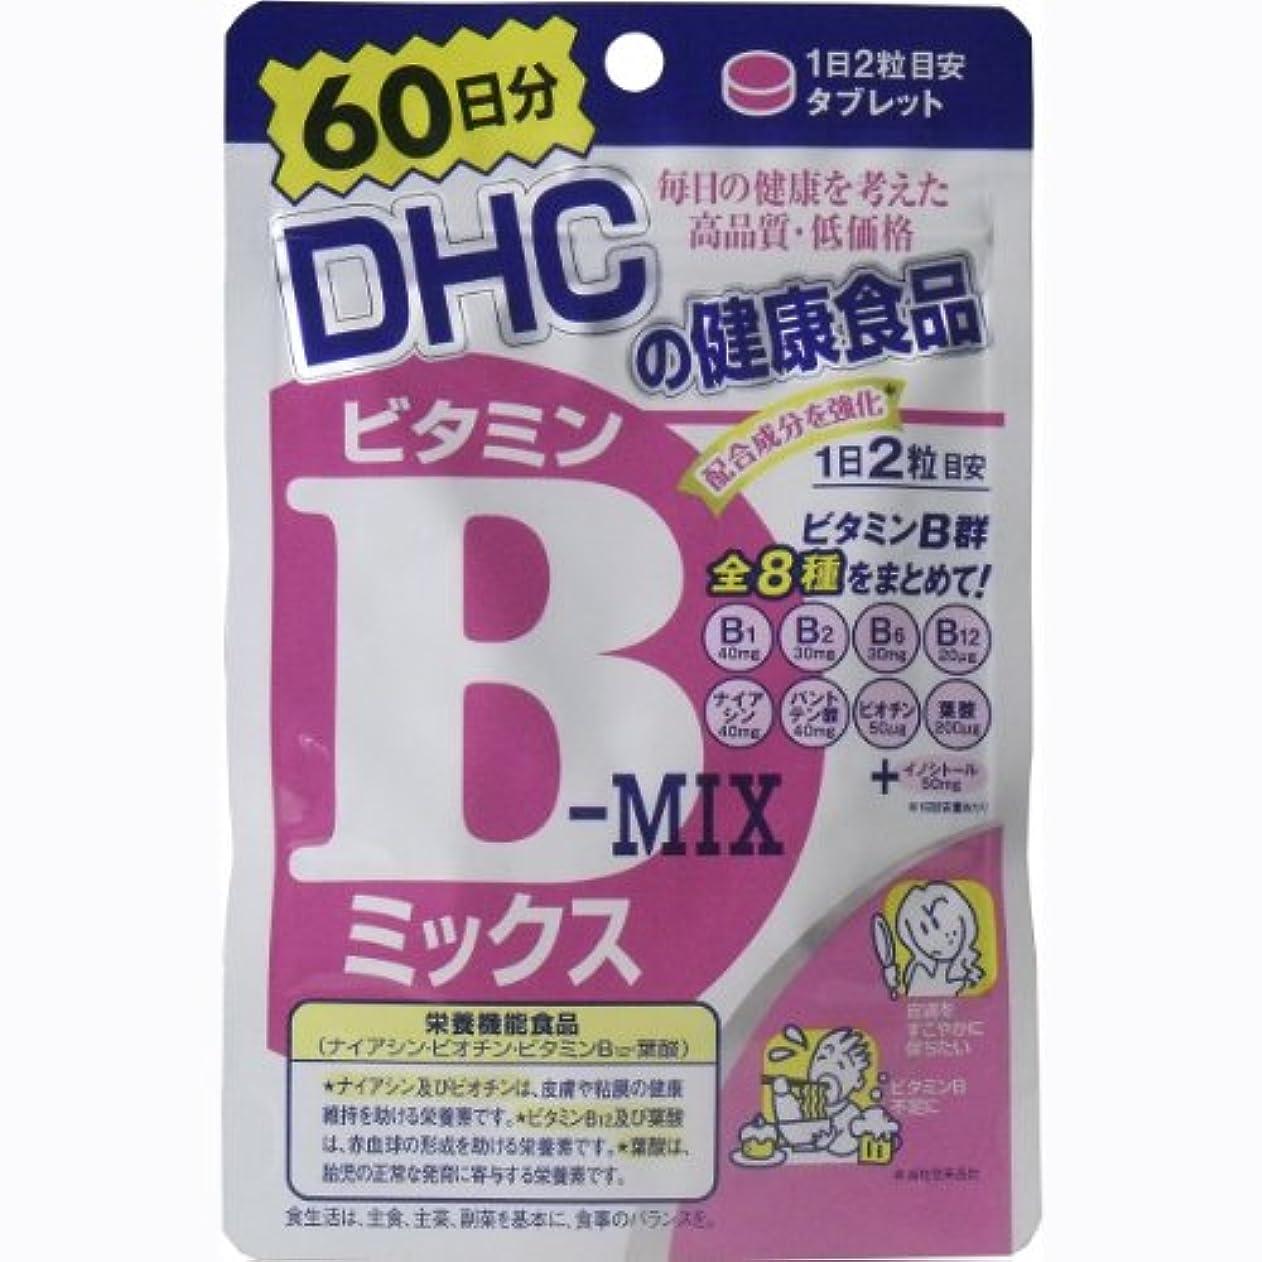 記念日三角形船酔いDHC ビタミンBミックス 120粒 60日分「5点セット」